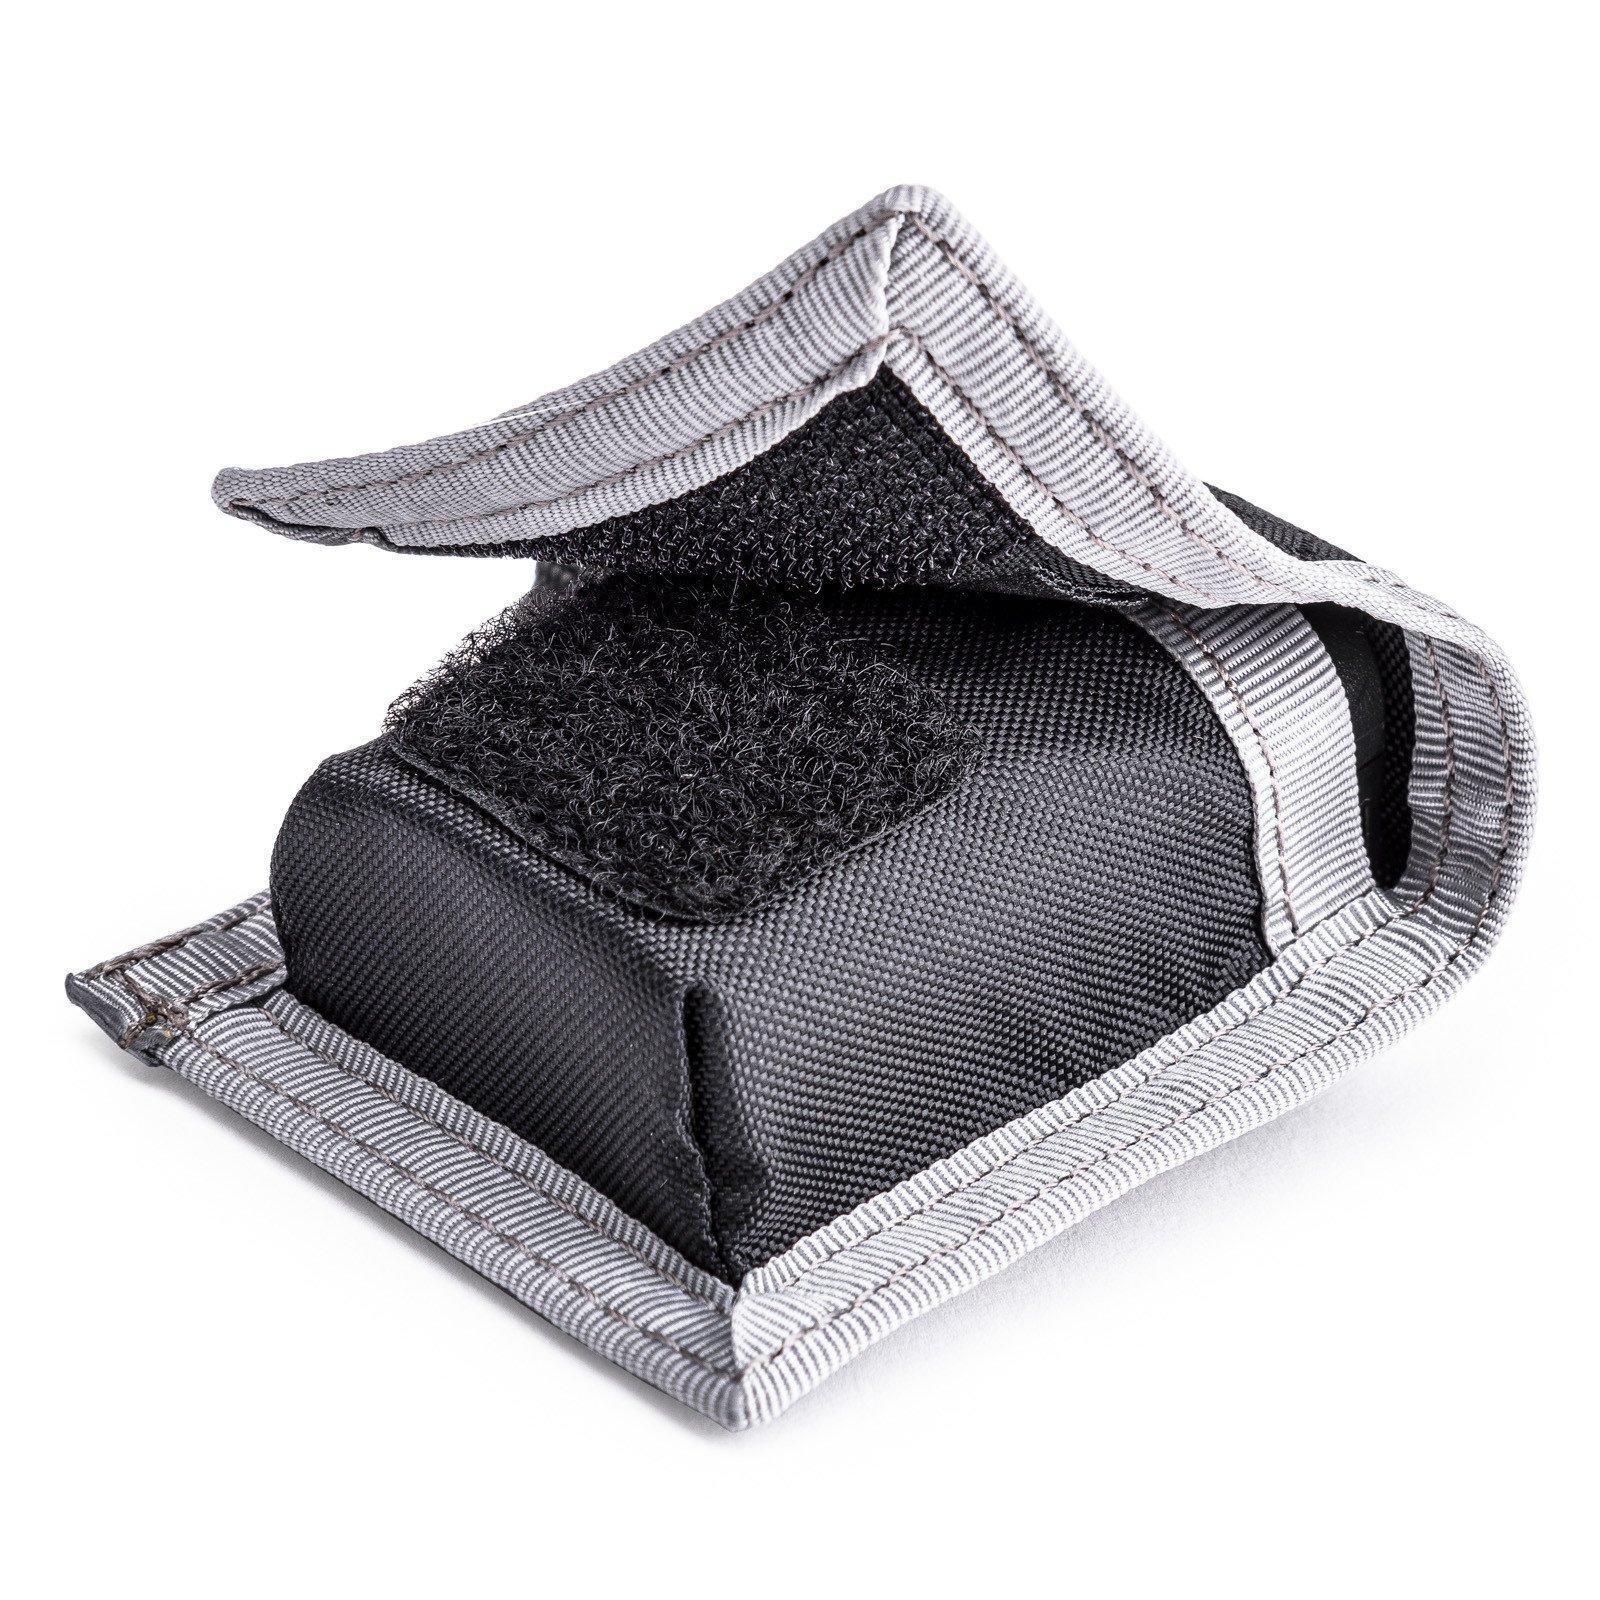 Ví đựng phụ kiện Think Tank CF/SD + Battery Wallet - Hàng chính hãng - Bao  đựng chống sock - chống nước | TheGioiMayAnh.com